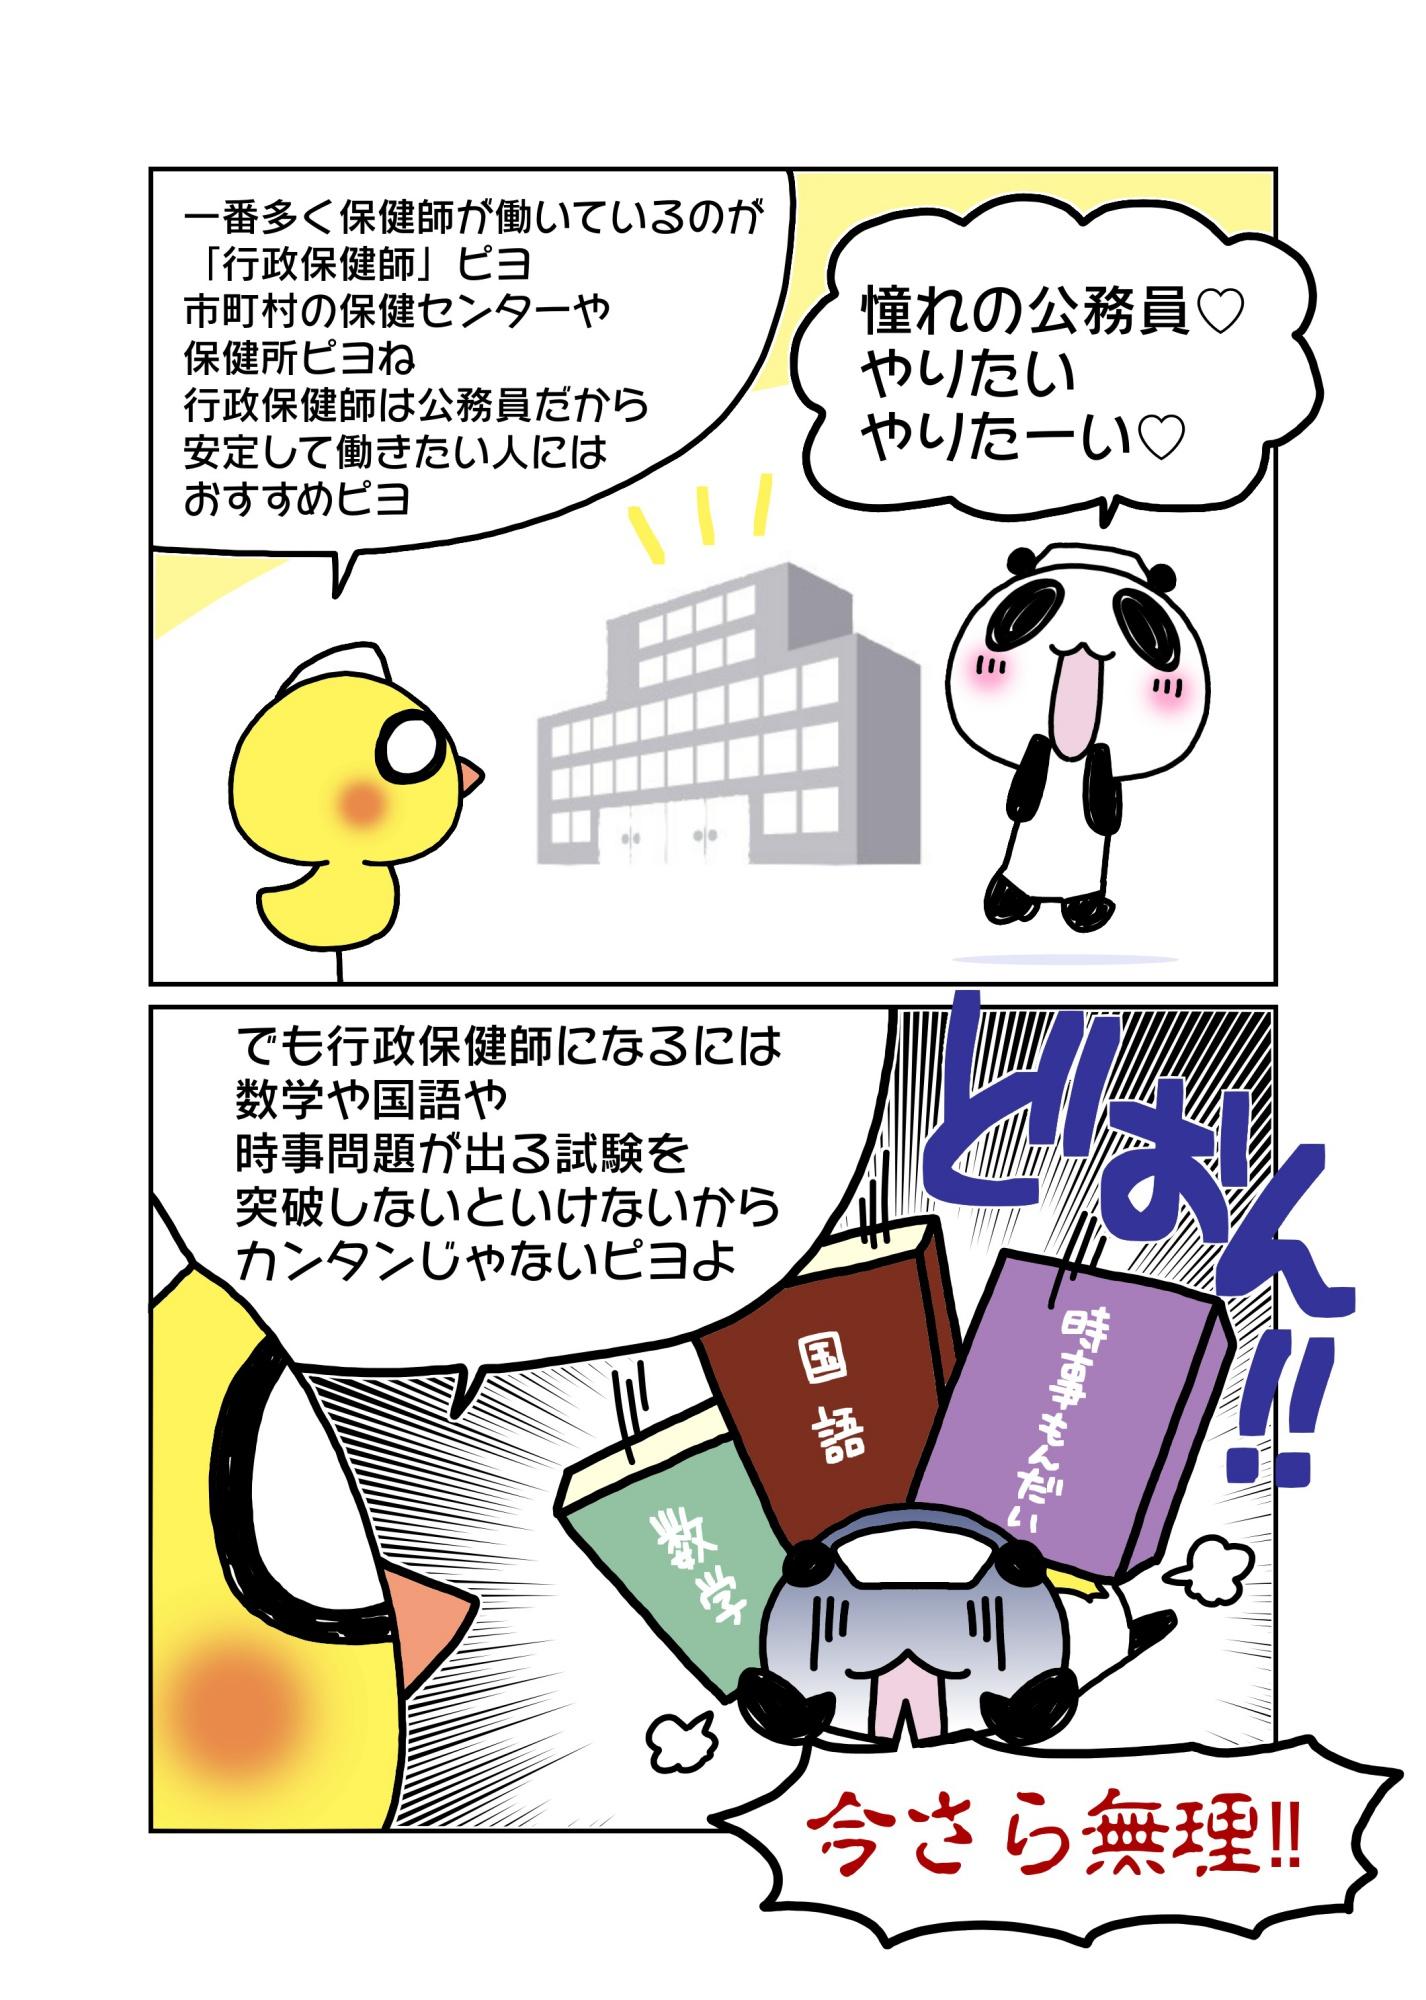 『公務員として安定して働ける【行政保健師】』マンガ